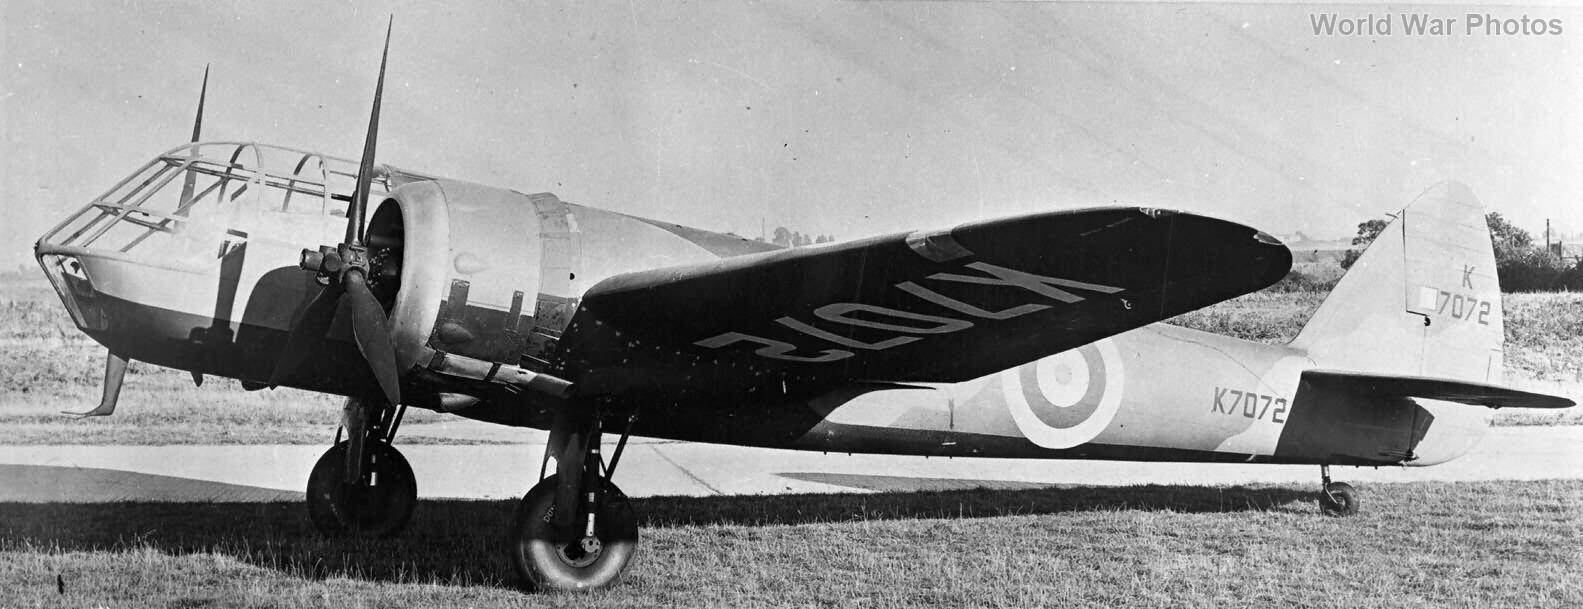 Blenheim I K7072 long nose trials as Bolingbroke37